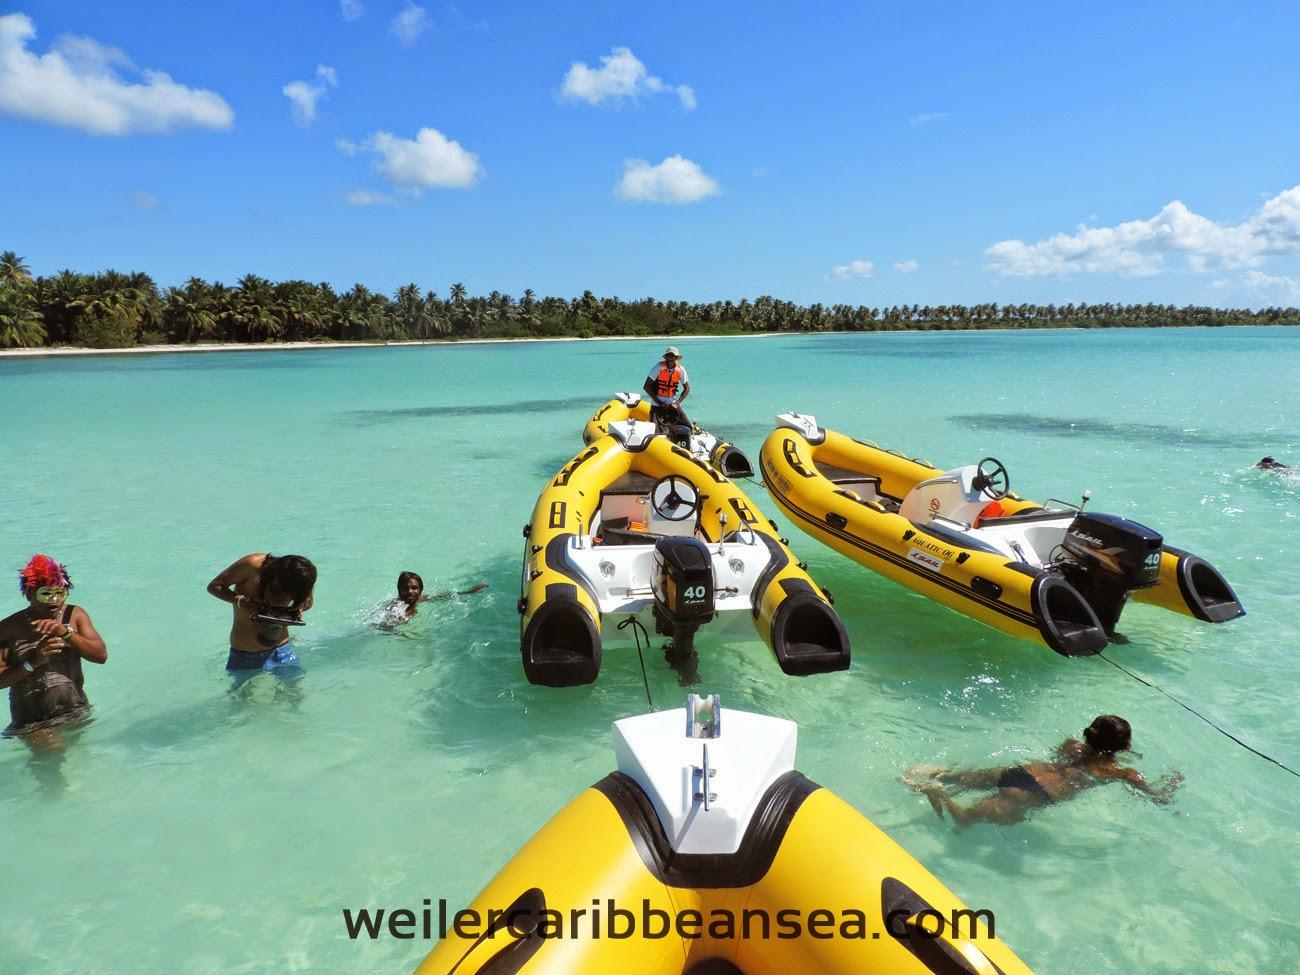 http://www.weilercaribbeansea.com/excursiones-punta-cana/diversión-en-el-mar/aquatic-riders/